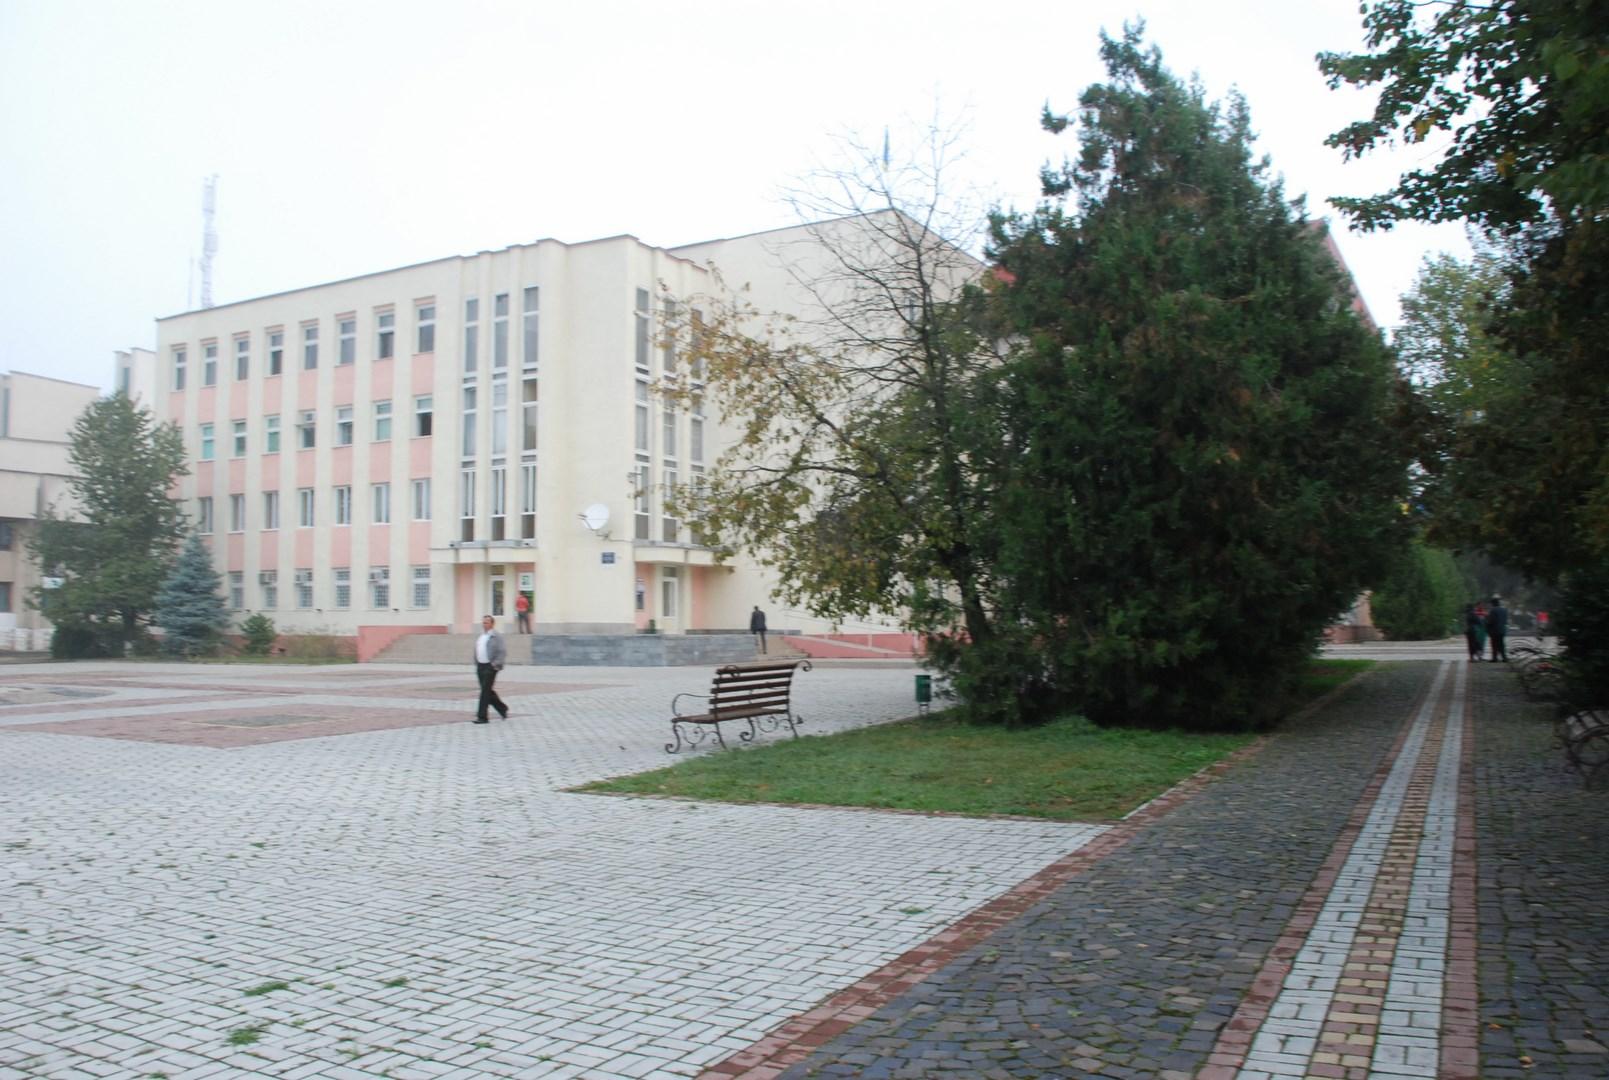 Сьогодні, 24 березня, в Іршаві пройде ХХХ позачергова сесія Іршавської міської ради VІІІ-го скликання.